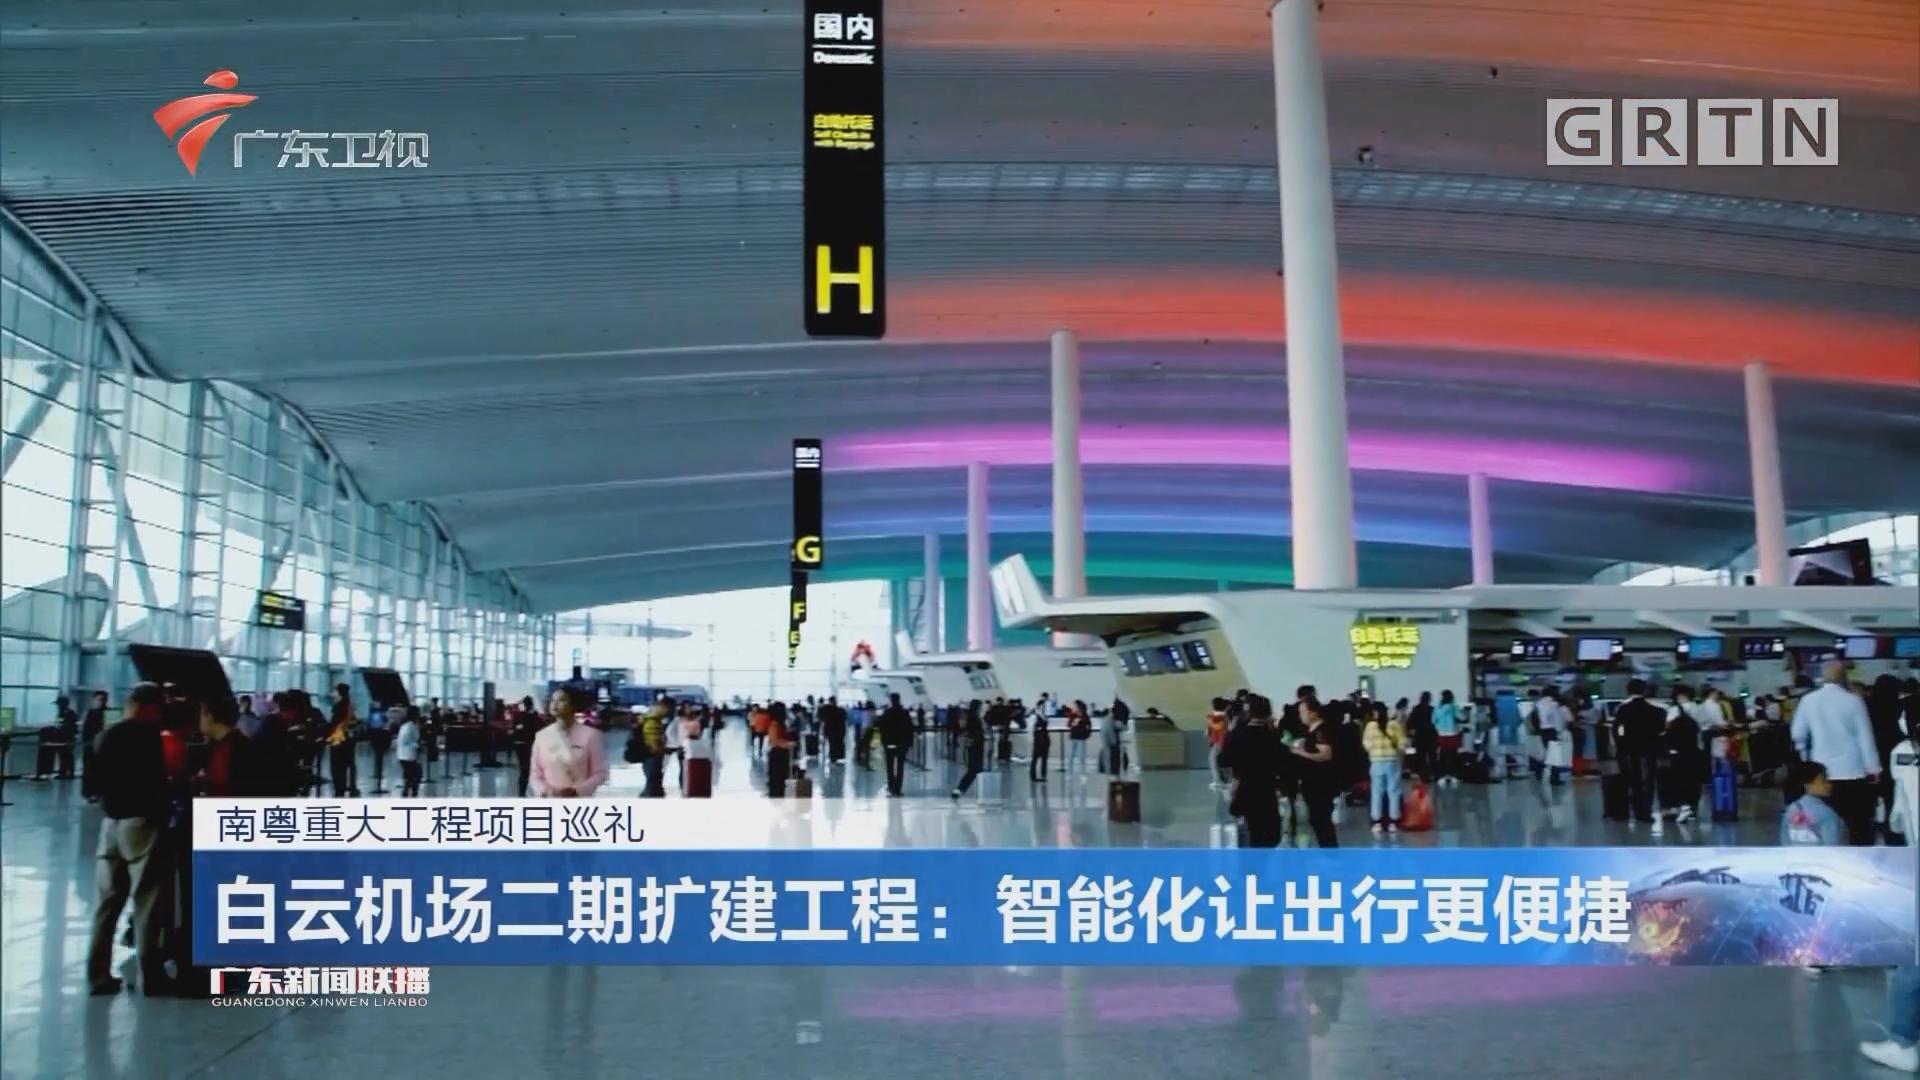 白云机场二期扩建工程:智能化让出行更便捷